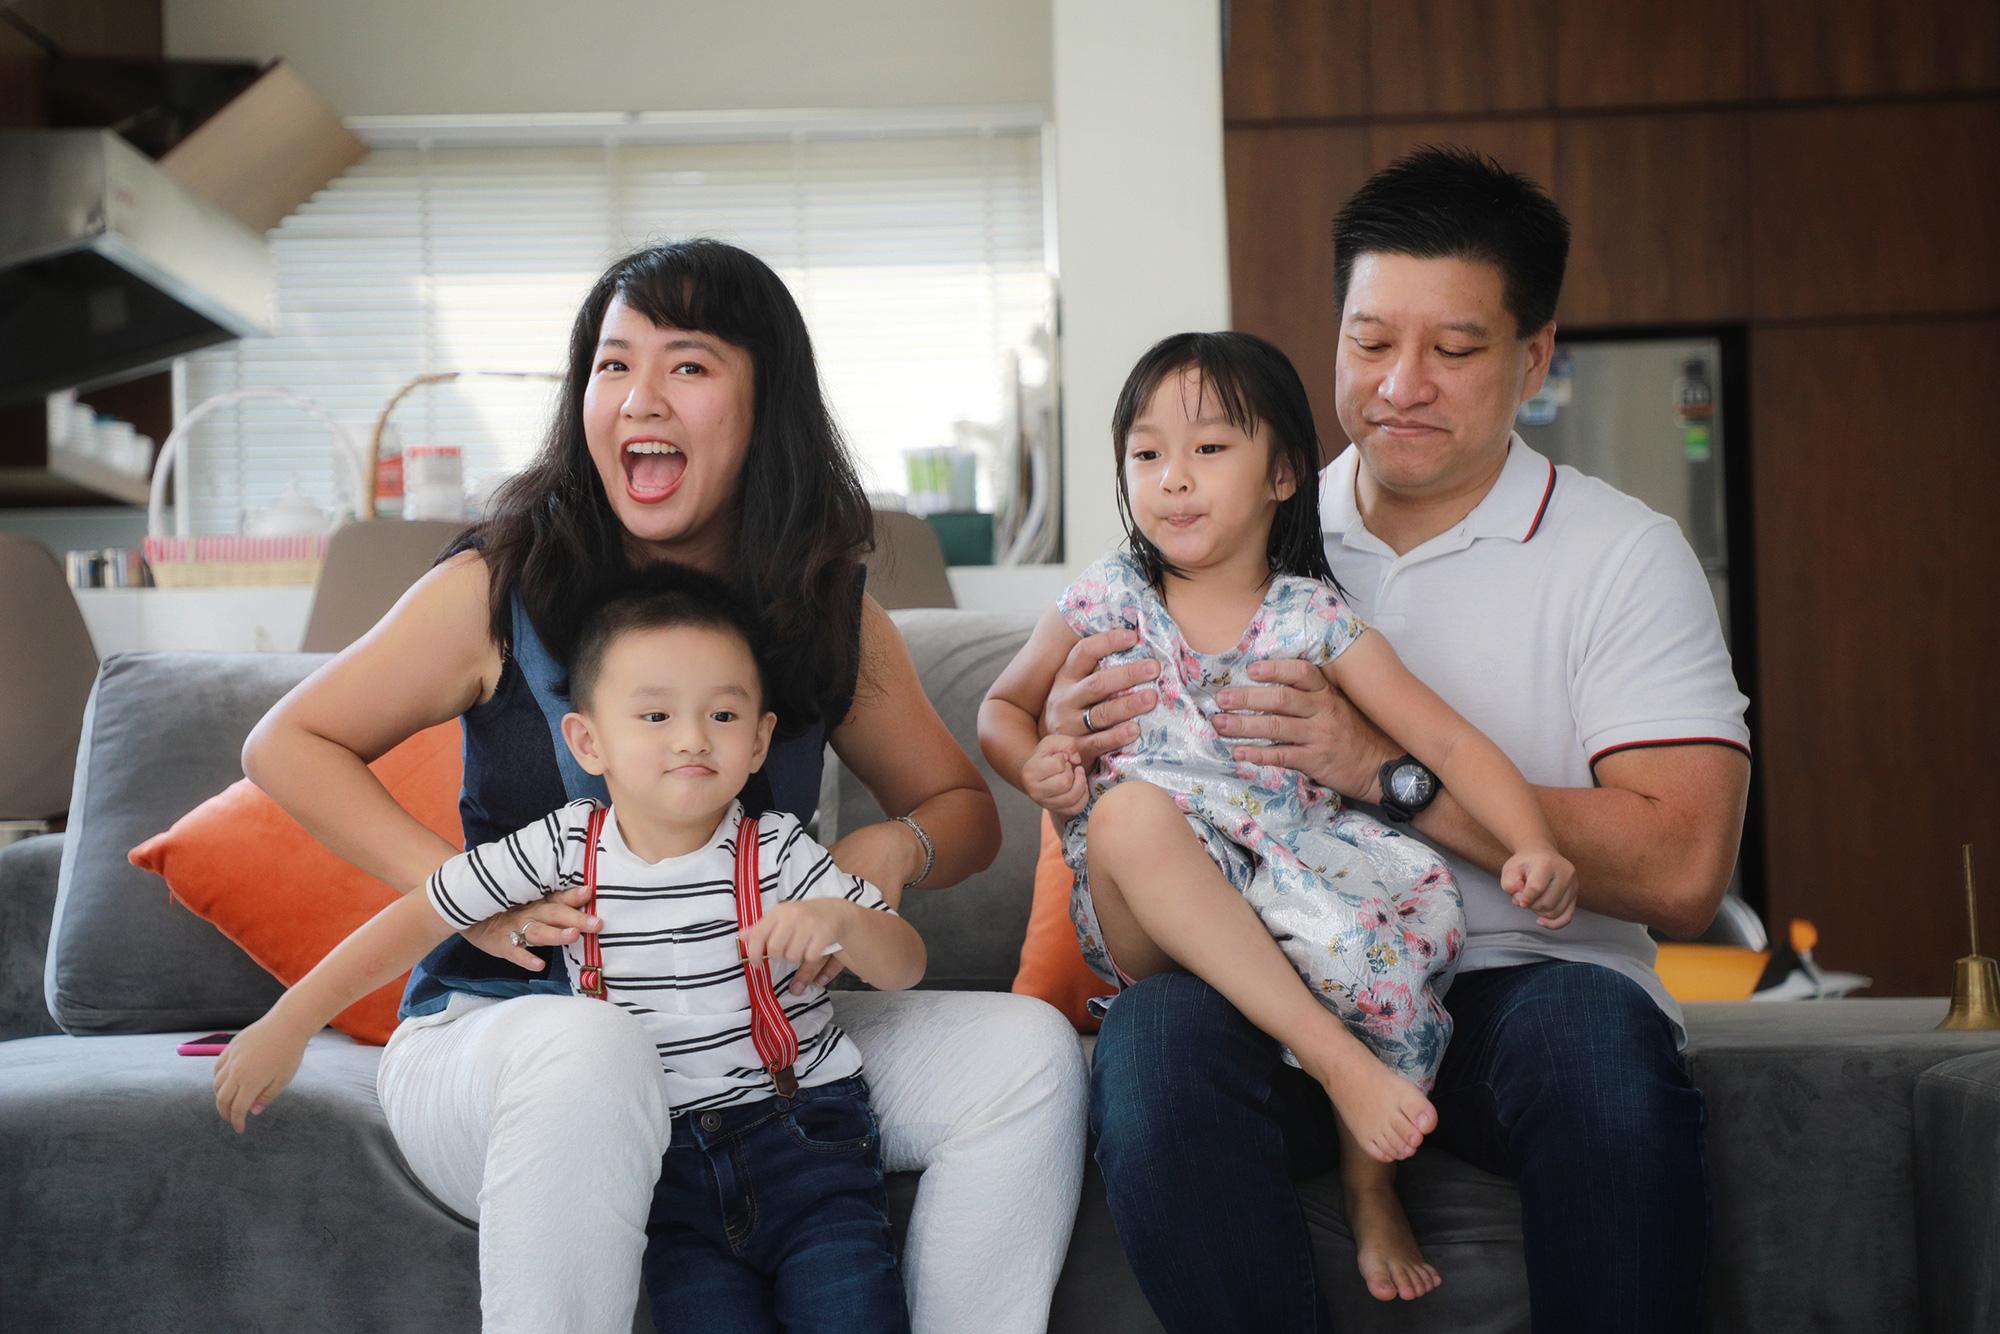 Lê Diệp Kiều Trang: Số mình có lẽ không có duyên làm thuê, đam mê lớn nhất bây giờ là các startup Việt Nam! - Ảnh 12.